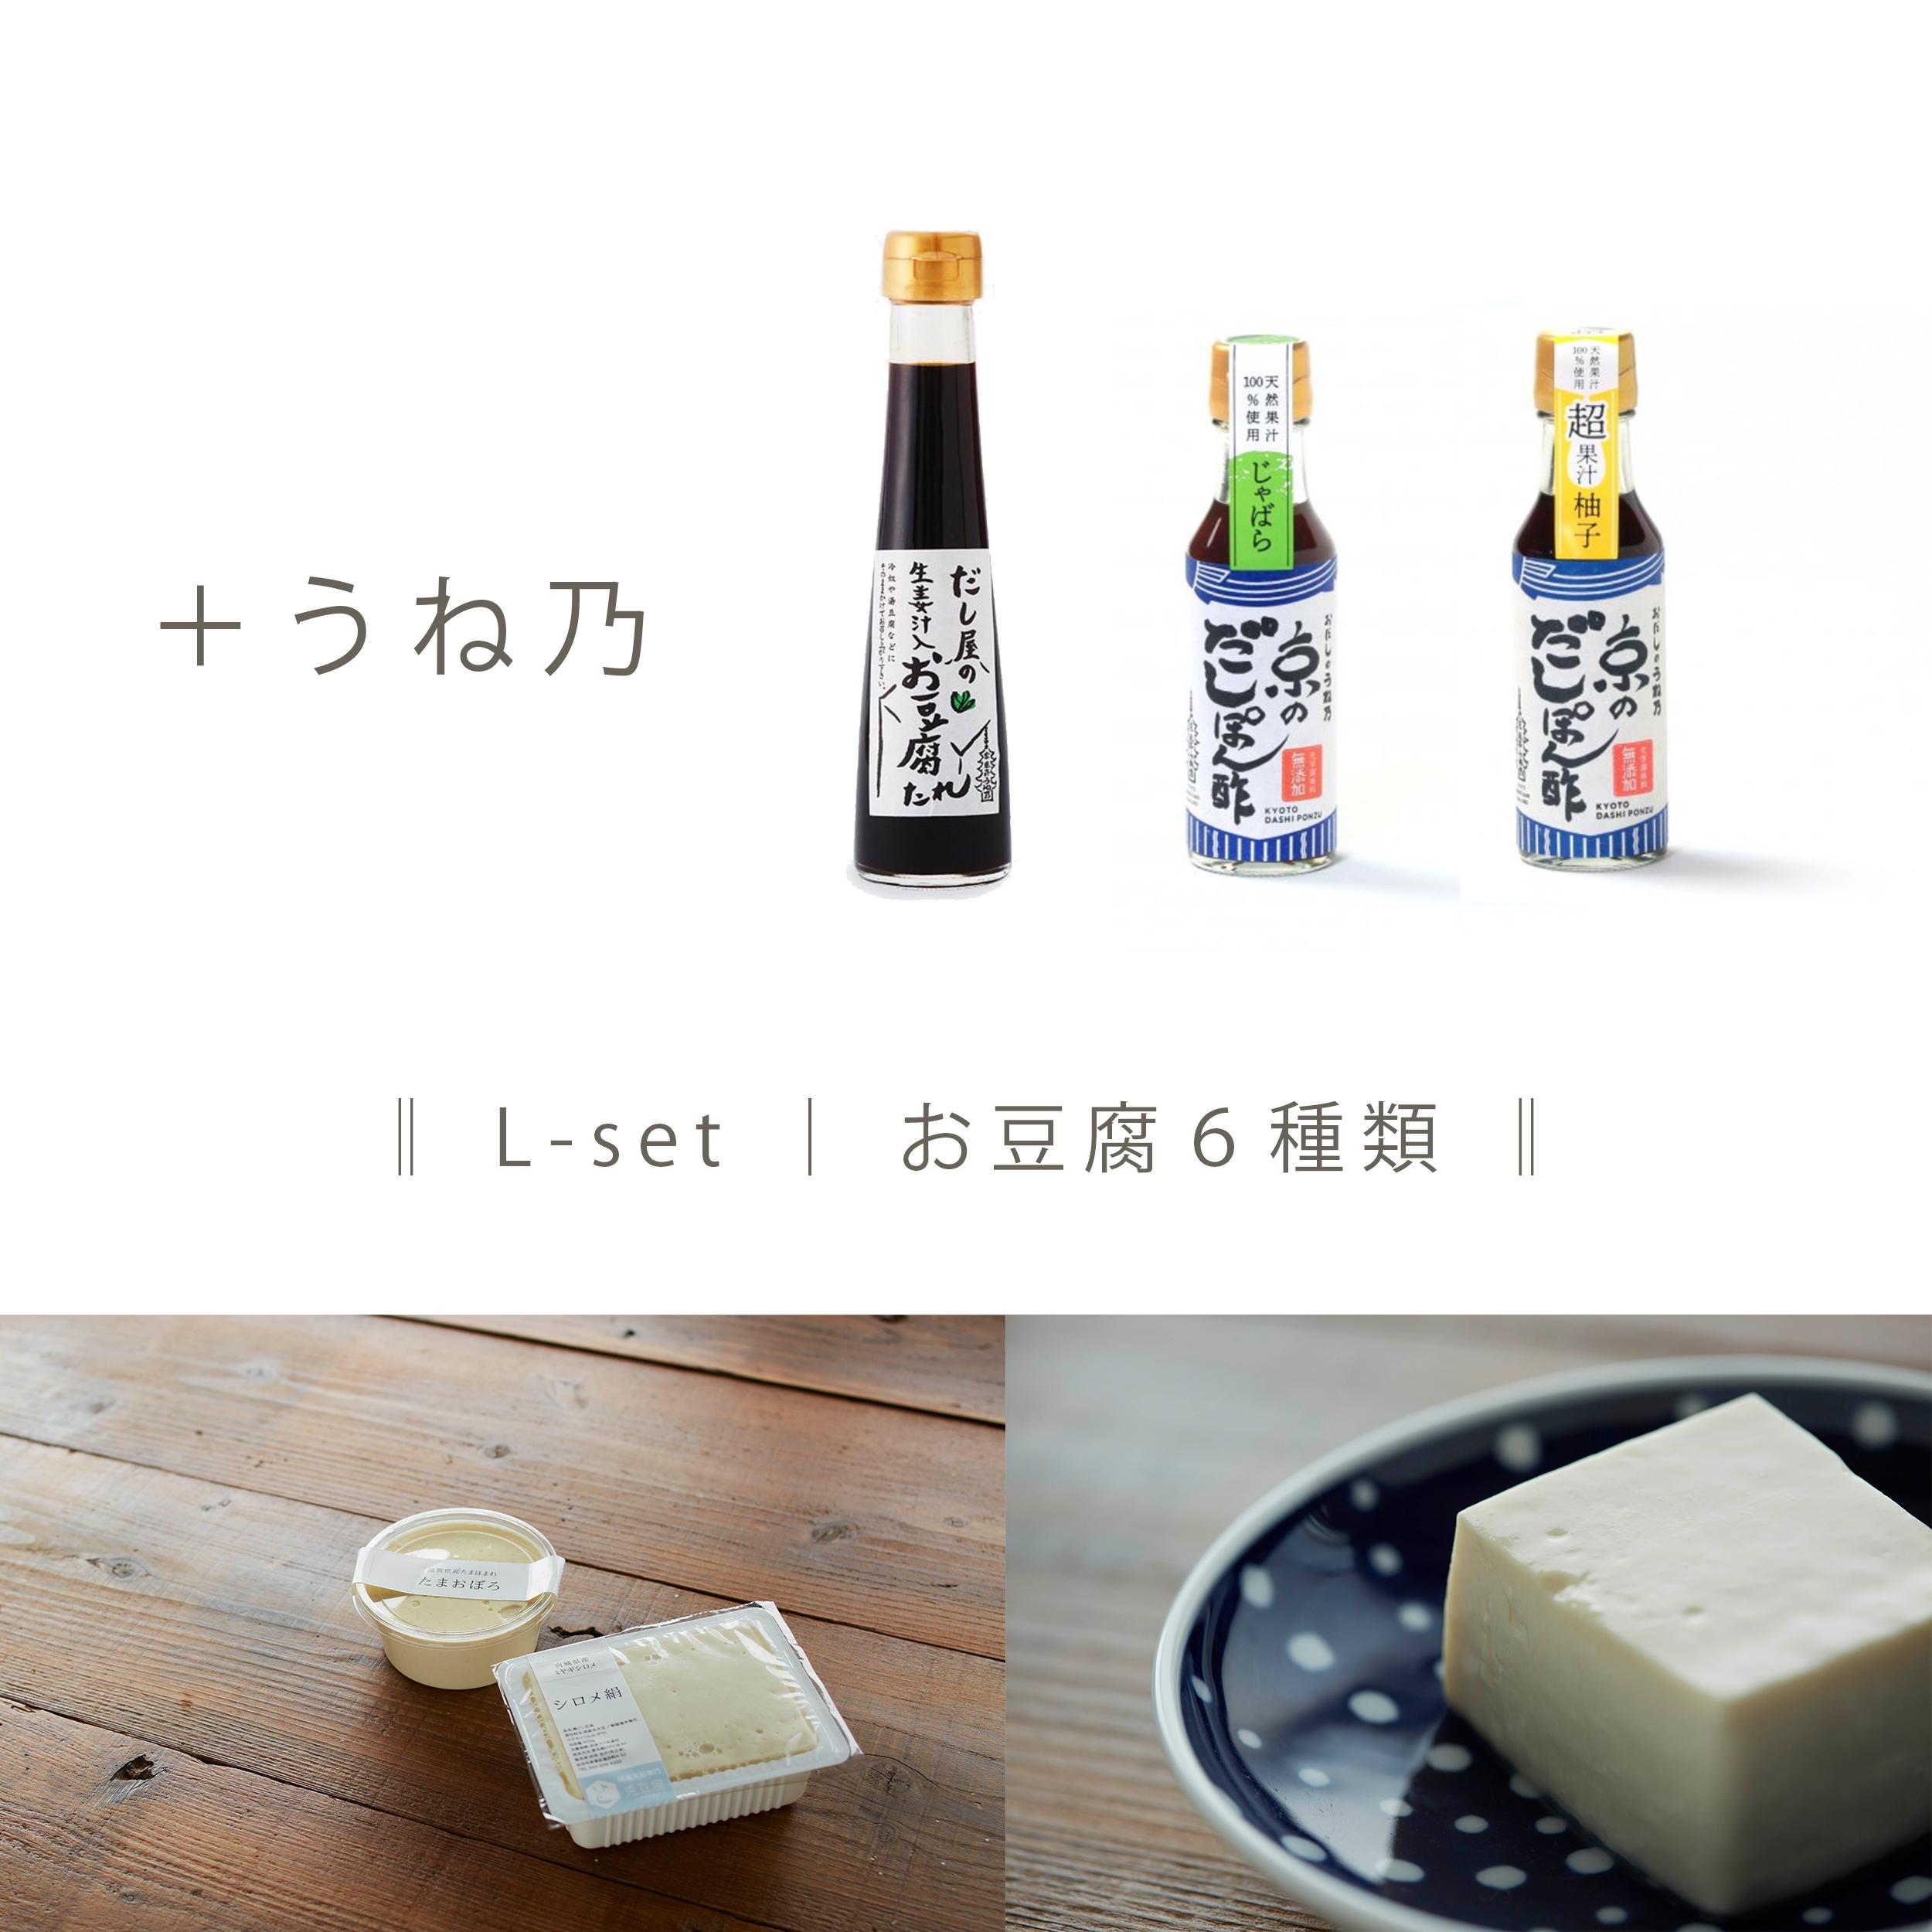 お豆腐+うね乃さん L-set 【国産大豆】